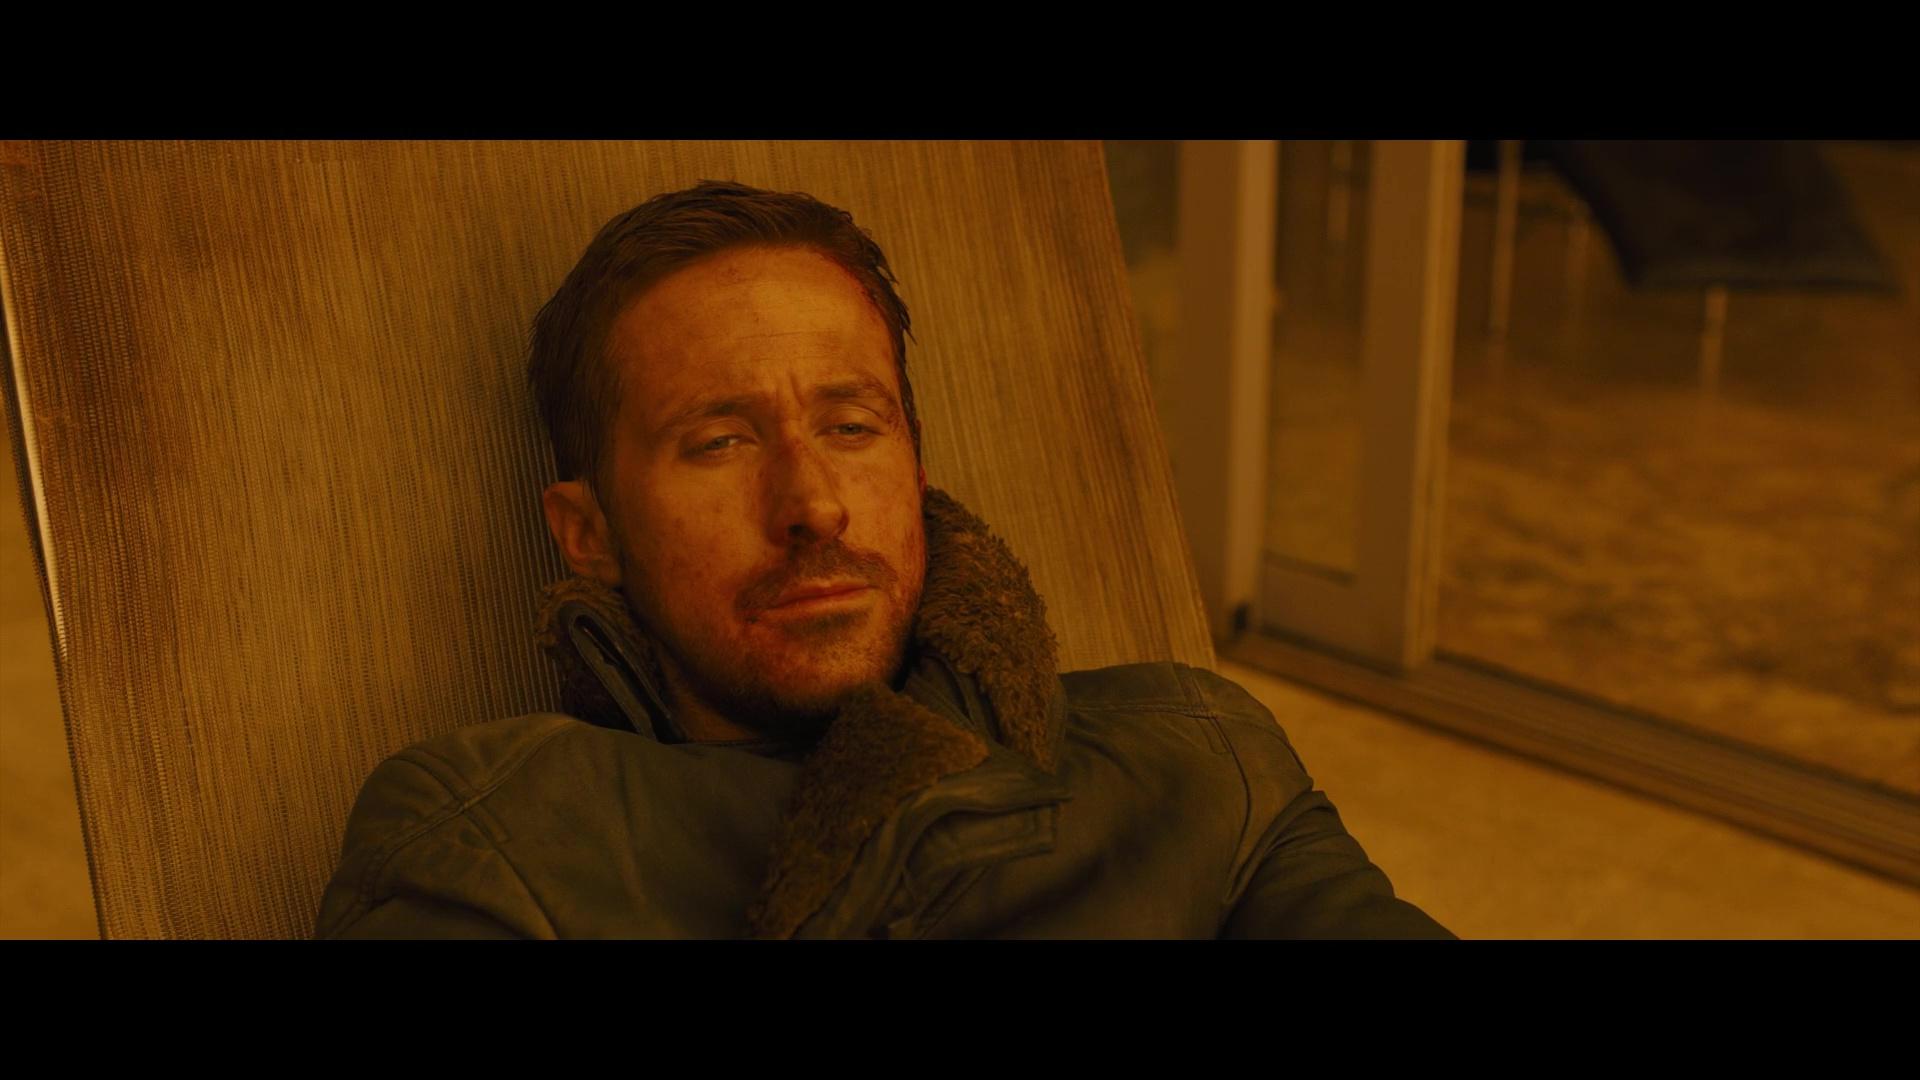 Blade Runner 2049 1080p Lat-Cast-Ing 5.1 (2017)